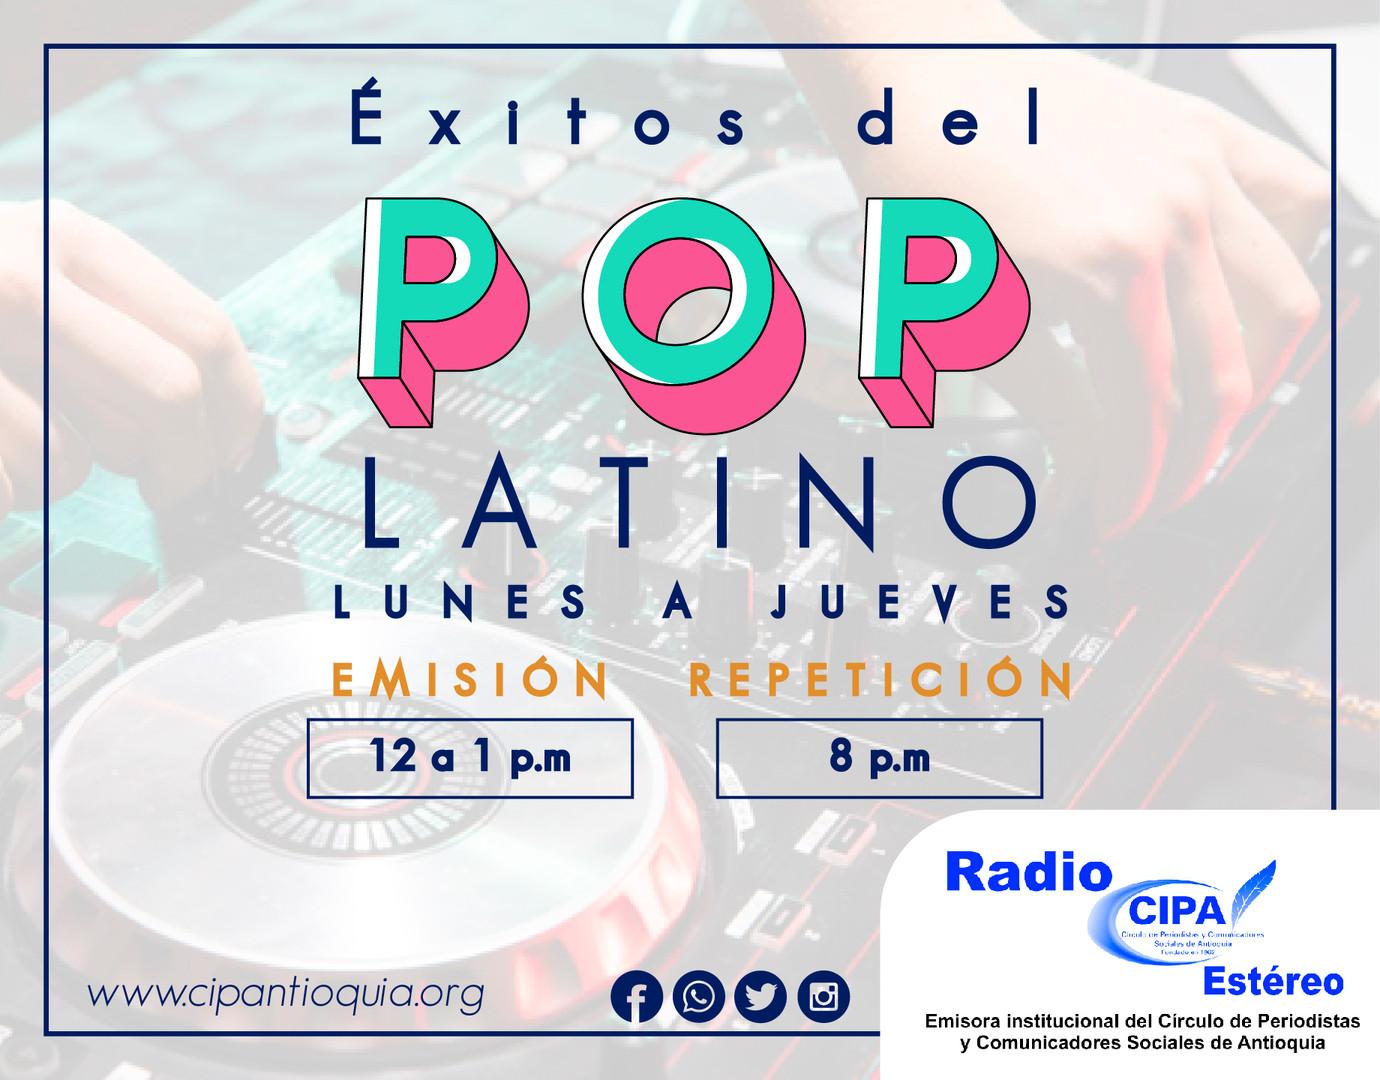 Éxitos del pop latino